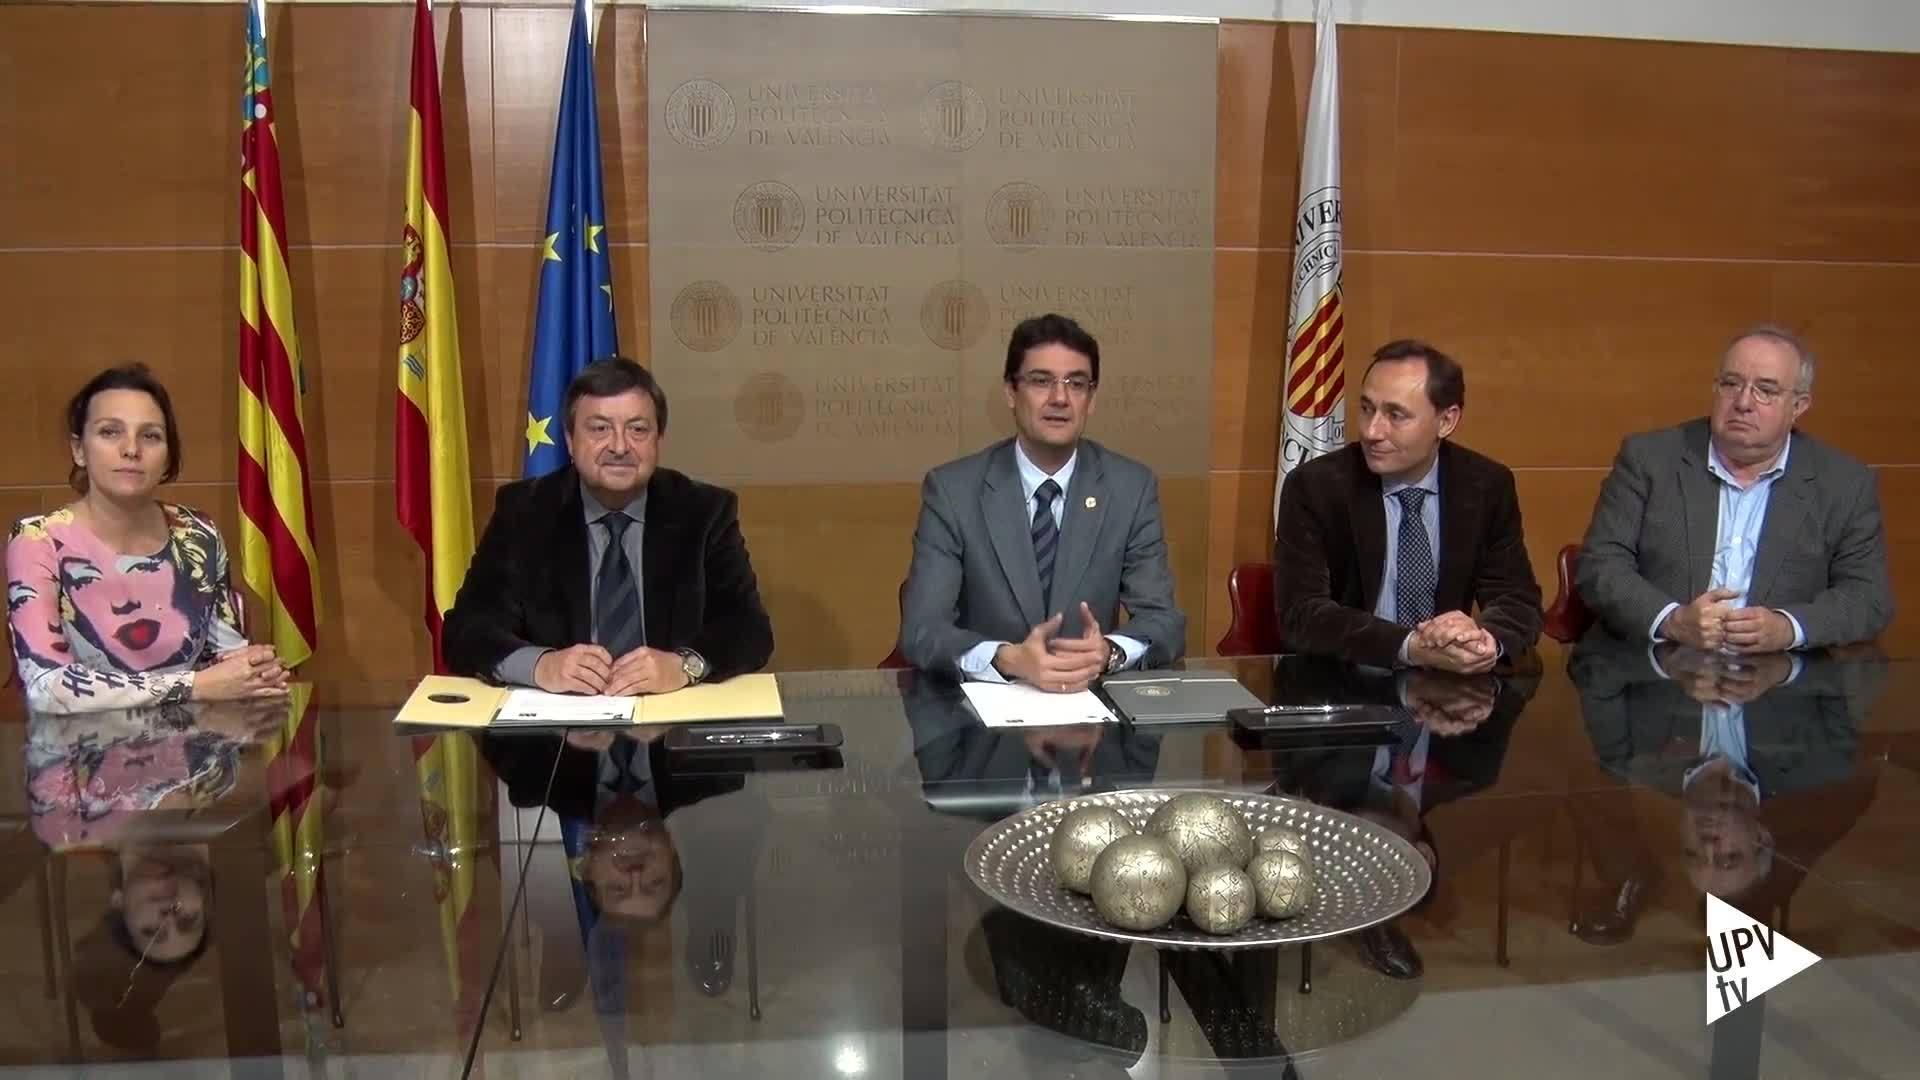 01-02-2017 Convenio entre la UPV y ARIVAL